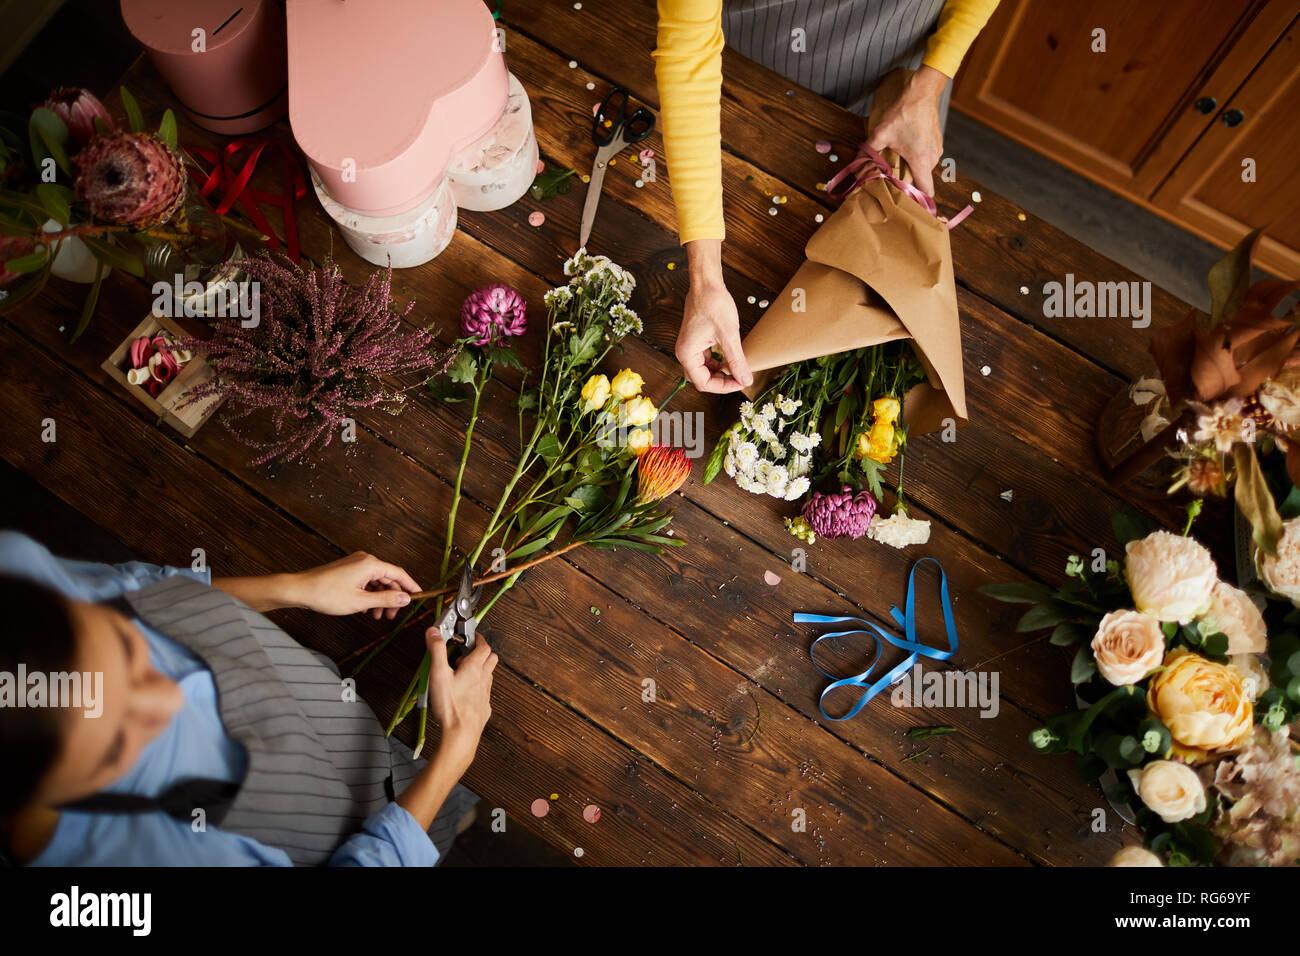 Floristen, Blumensträuße Hintergrund Stockbild